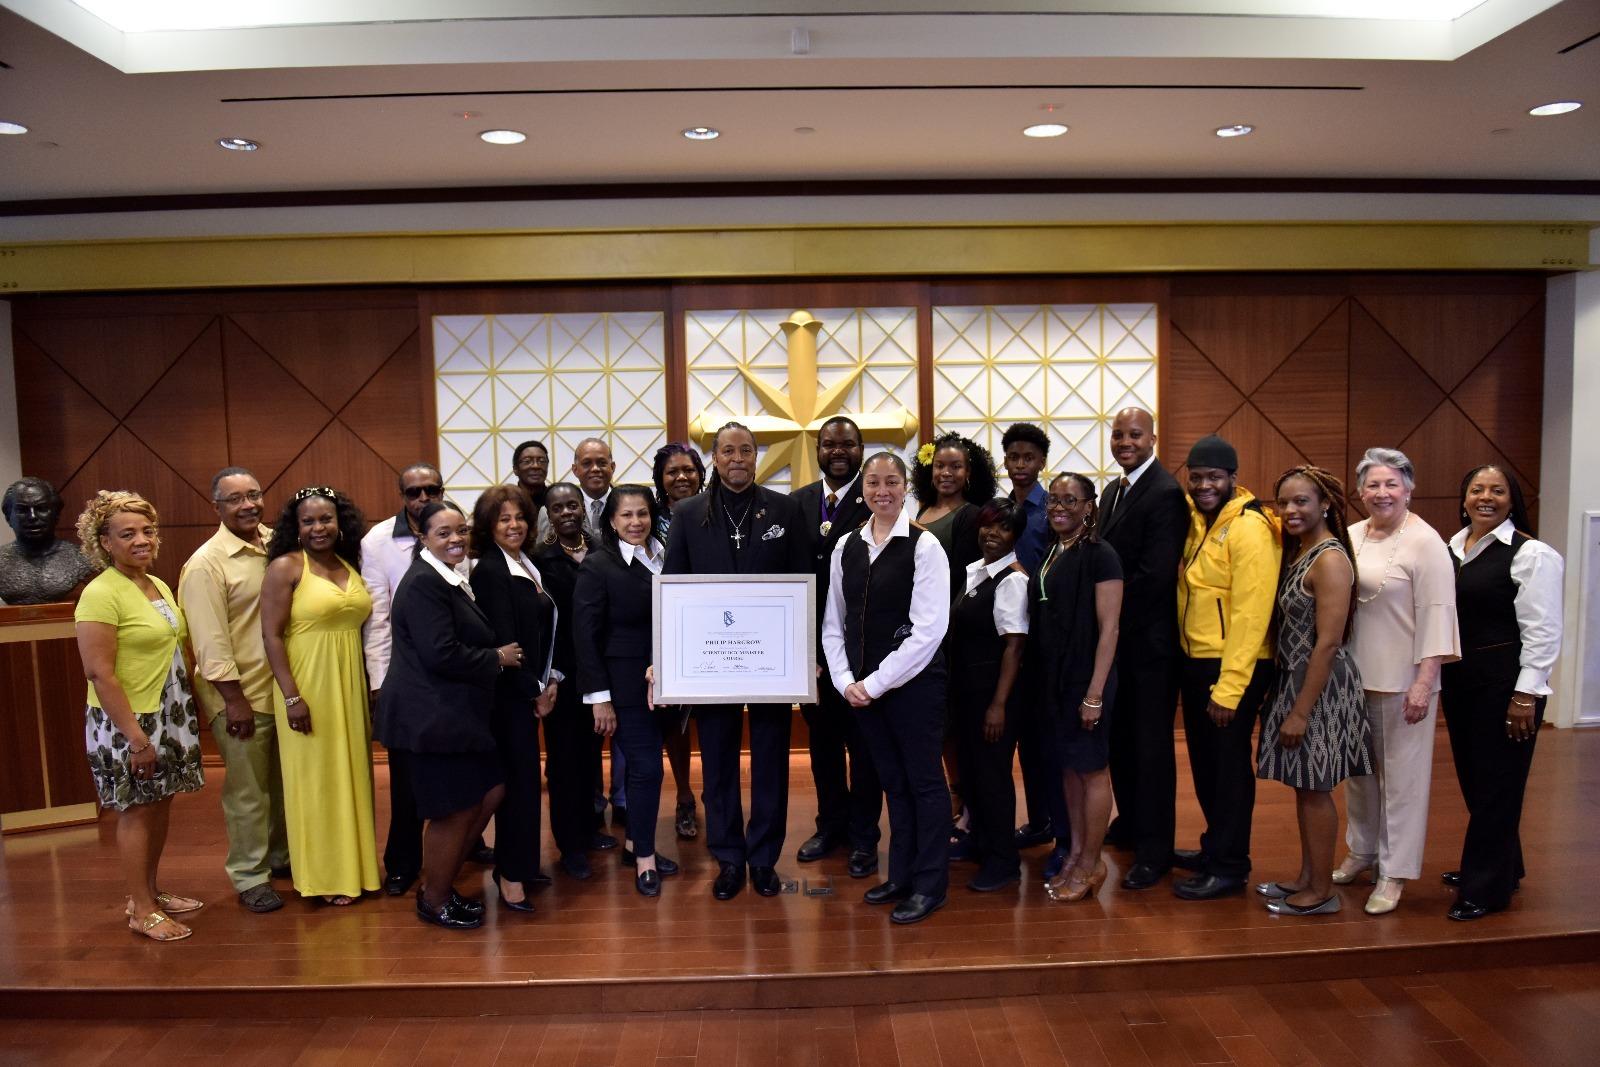 Komunitní a náboženští vůdci se připojily ke členům Scientologické církve na speciální ceremonii při nedělní bohoslužbě na Východní ulici 125 v Harlemu v New Yorku